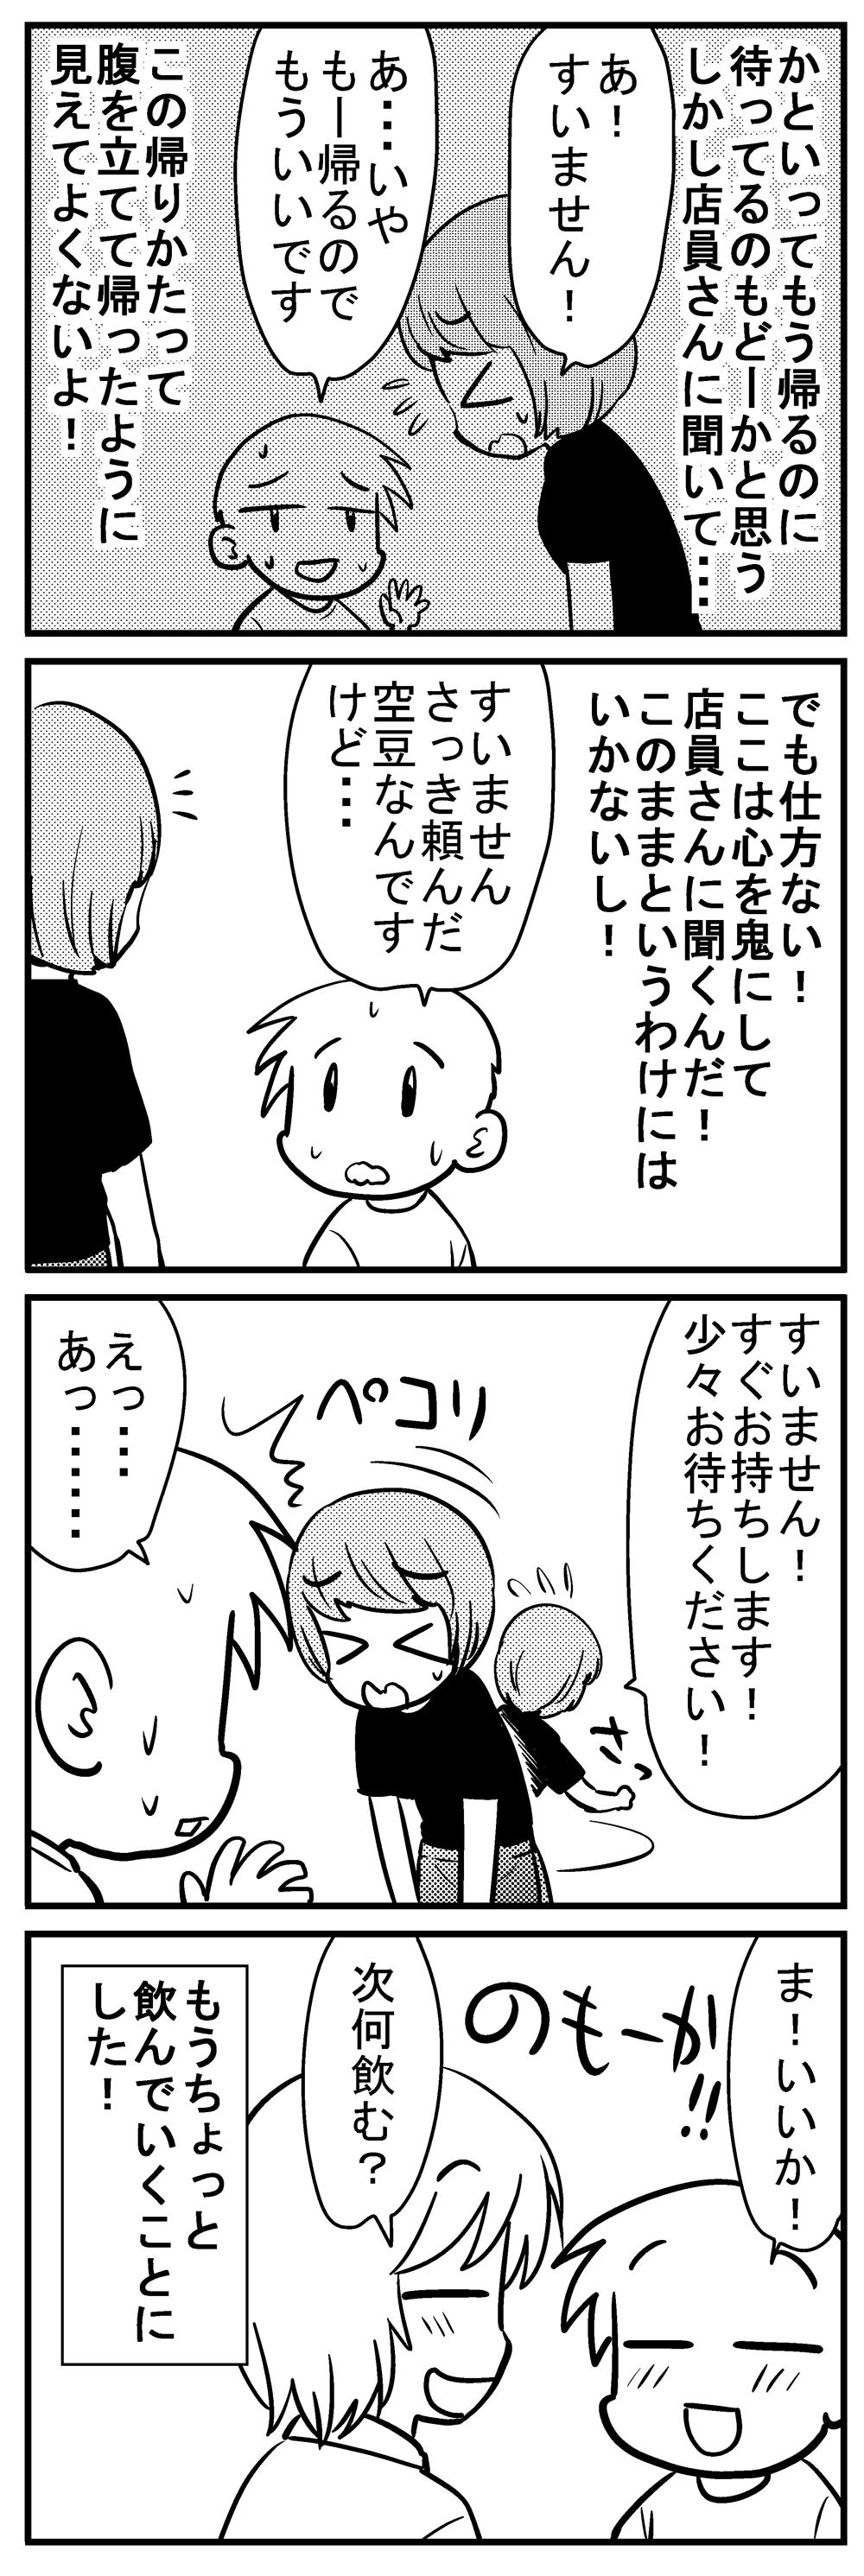 深読みくん139-2